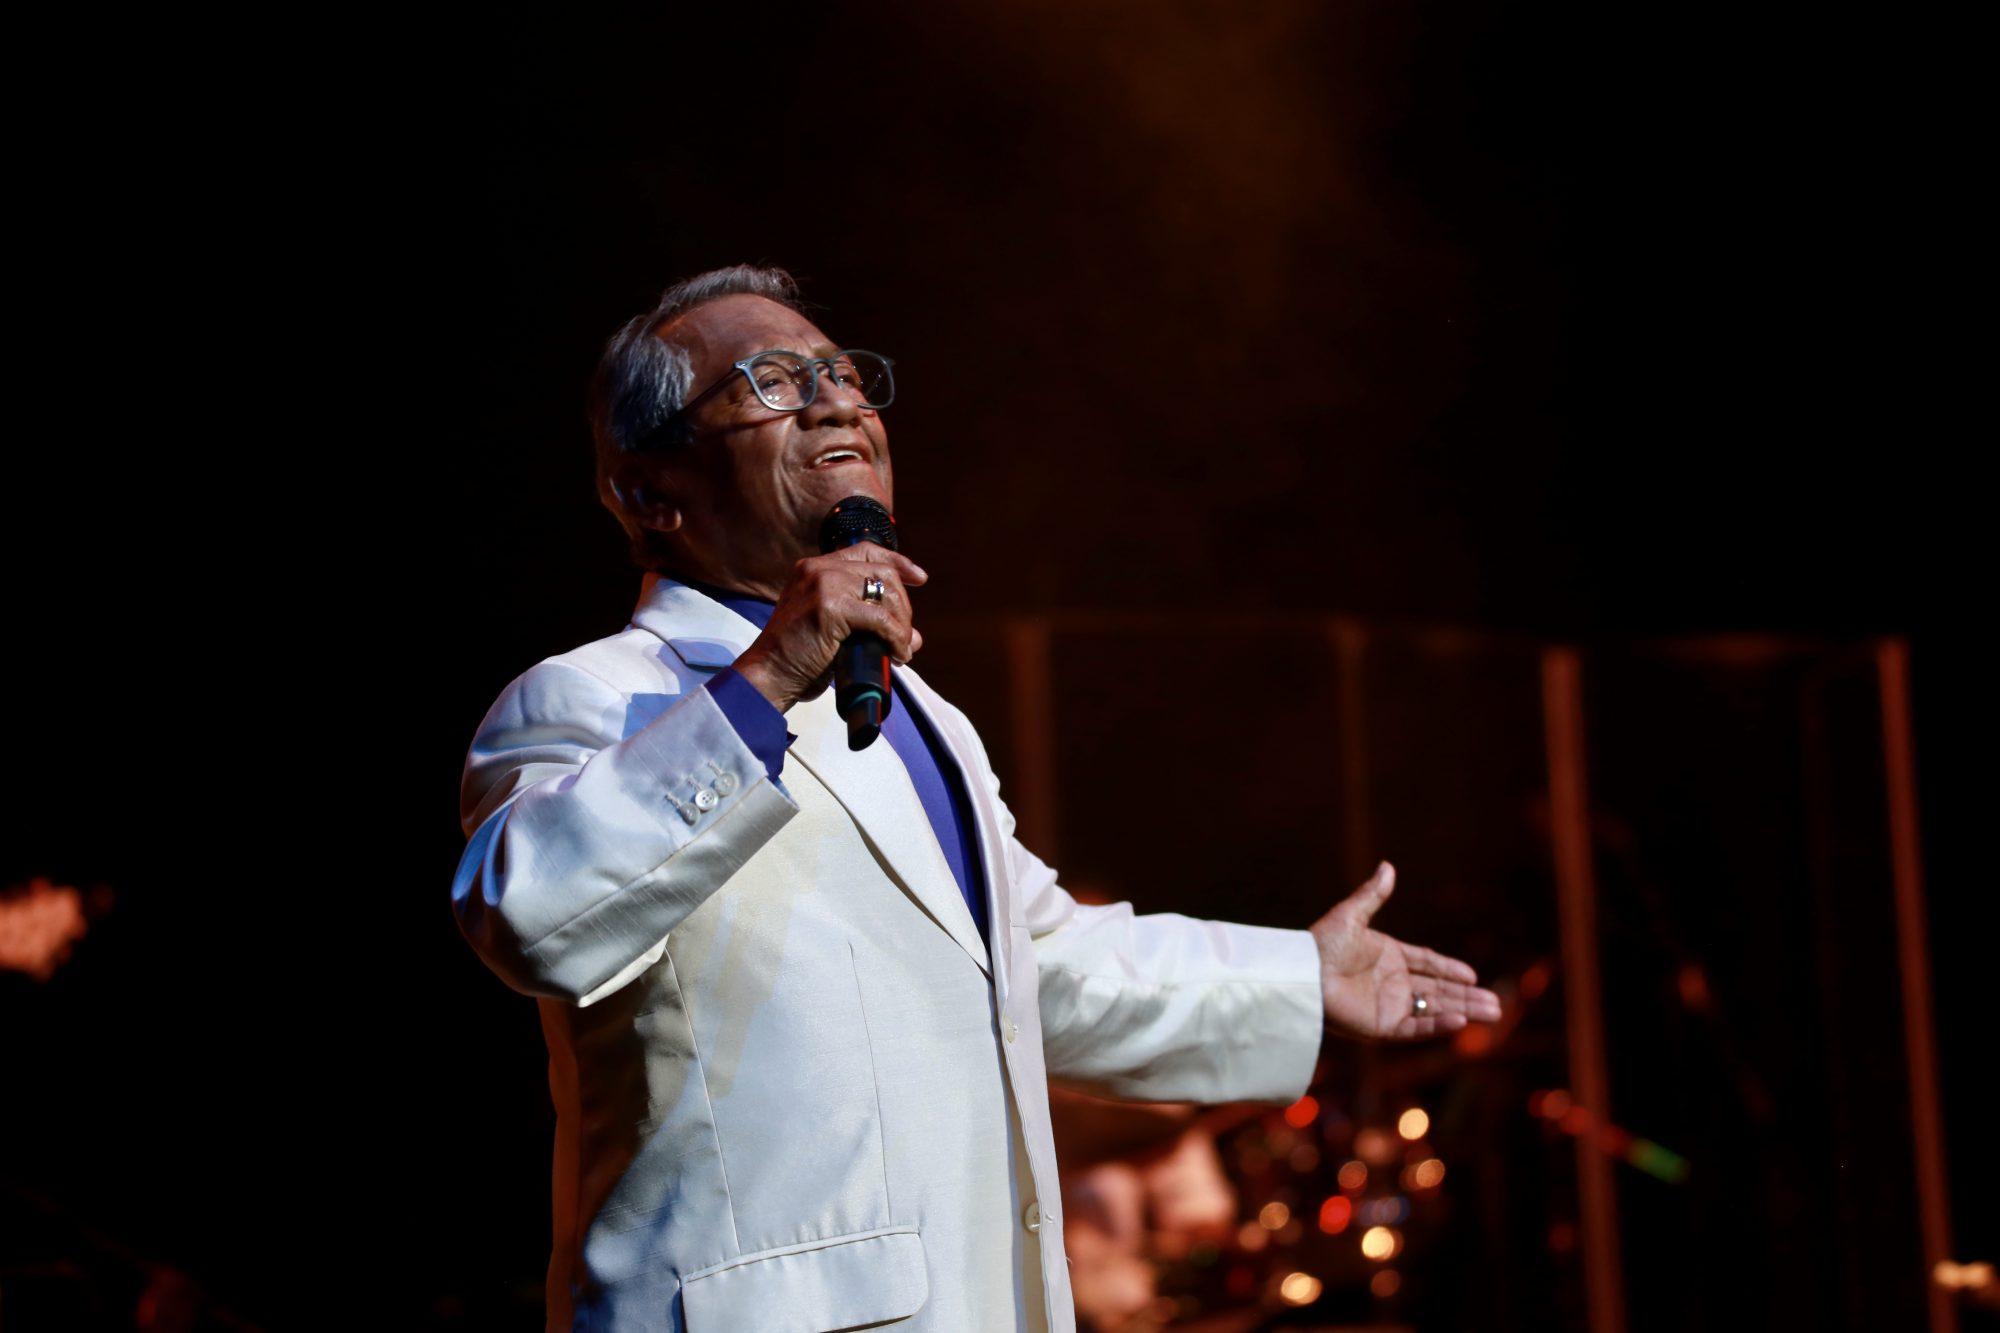 Armando Manzanero In Concert - San Juan, Puerto Rico